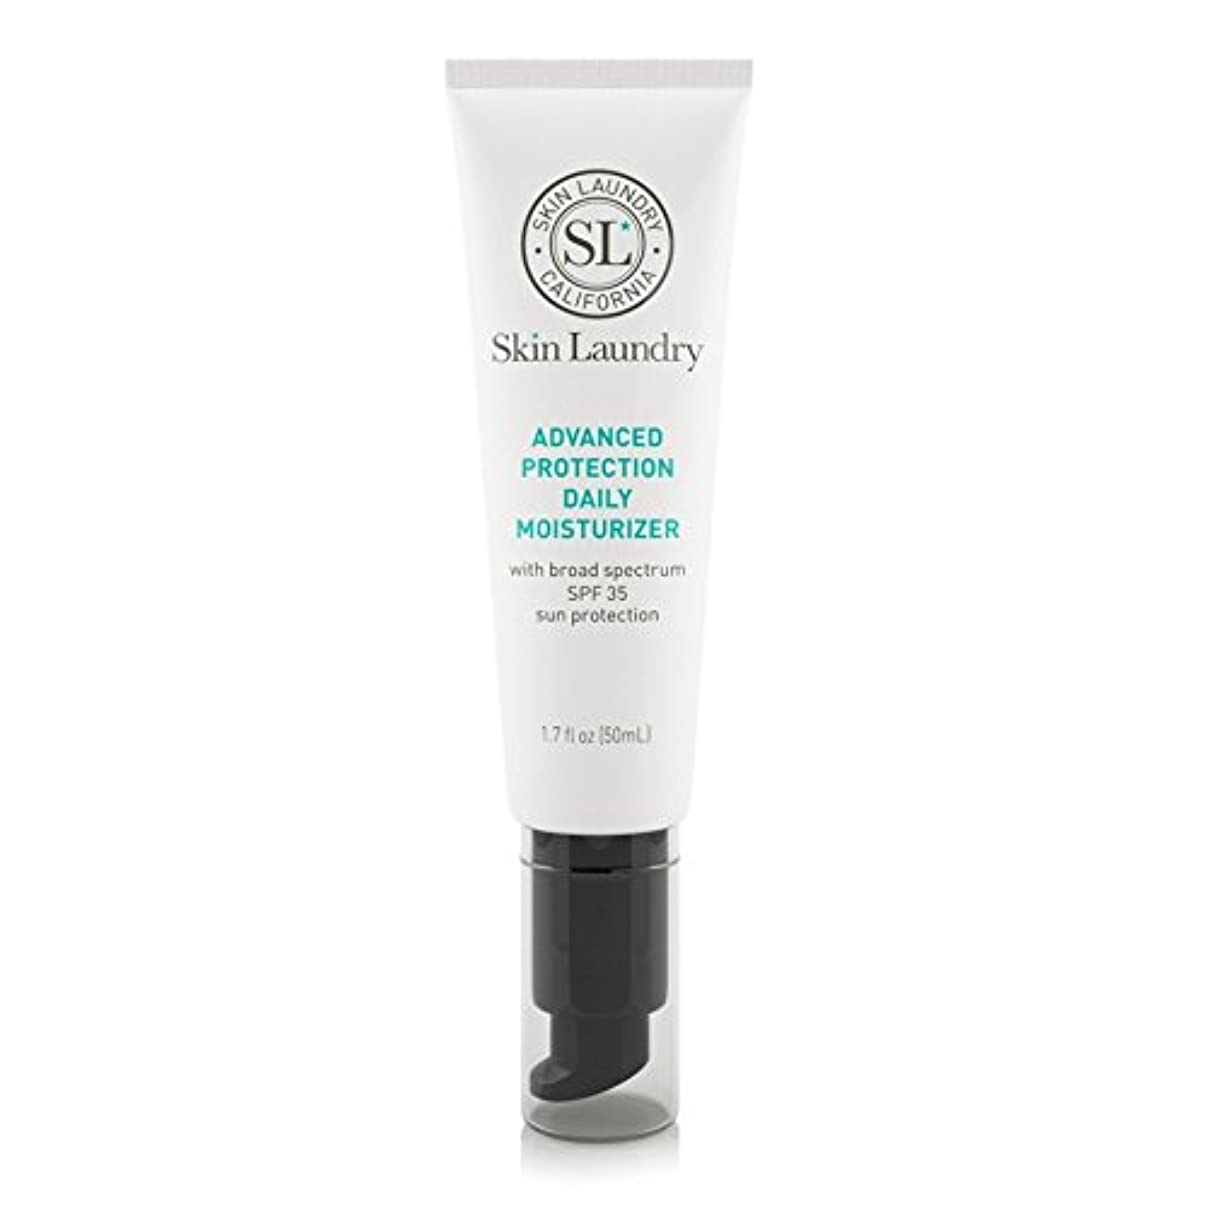 私たち抜粋シルエットSkin Laundry Advanced Protection Daily Moisturiser 50ml - 皮膚の洗濯高度な保護毎日保湿50ミリリットル [並行輸入品]